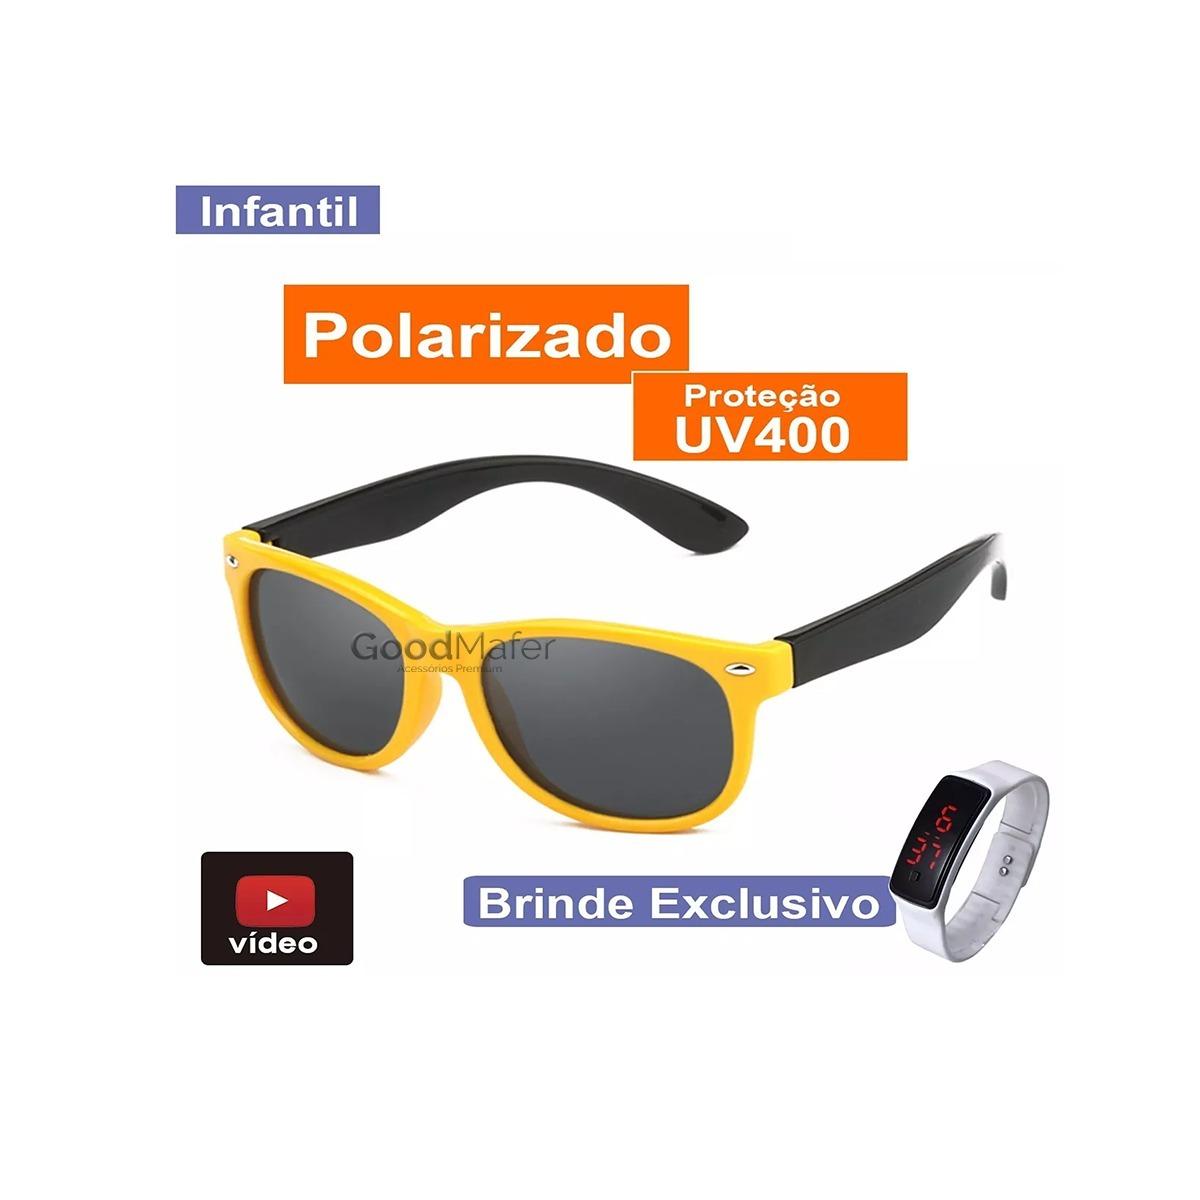 77e6289f0ce1f óculos flexível de sol crianças polarizado unissex + brinde. Carregando  zoom.